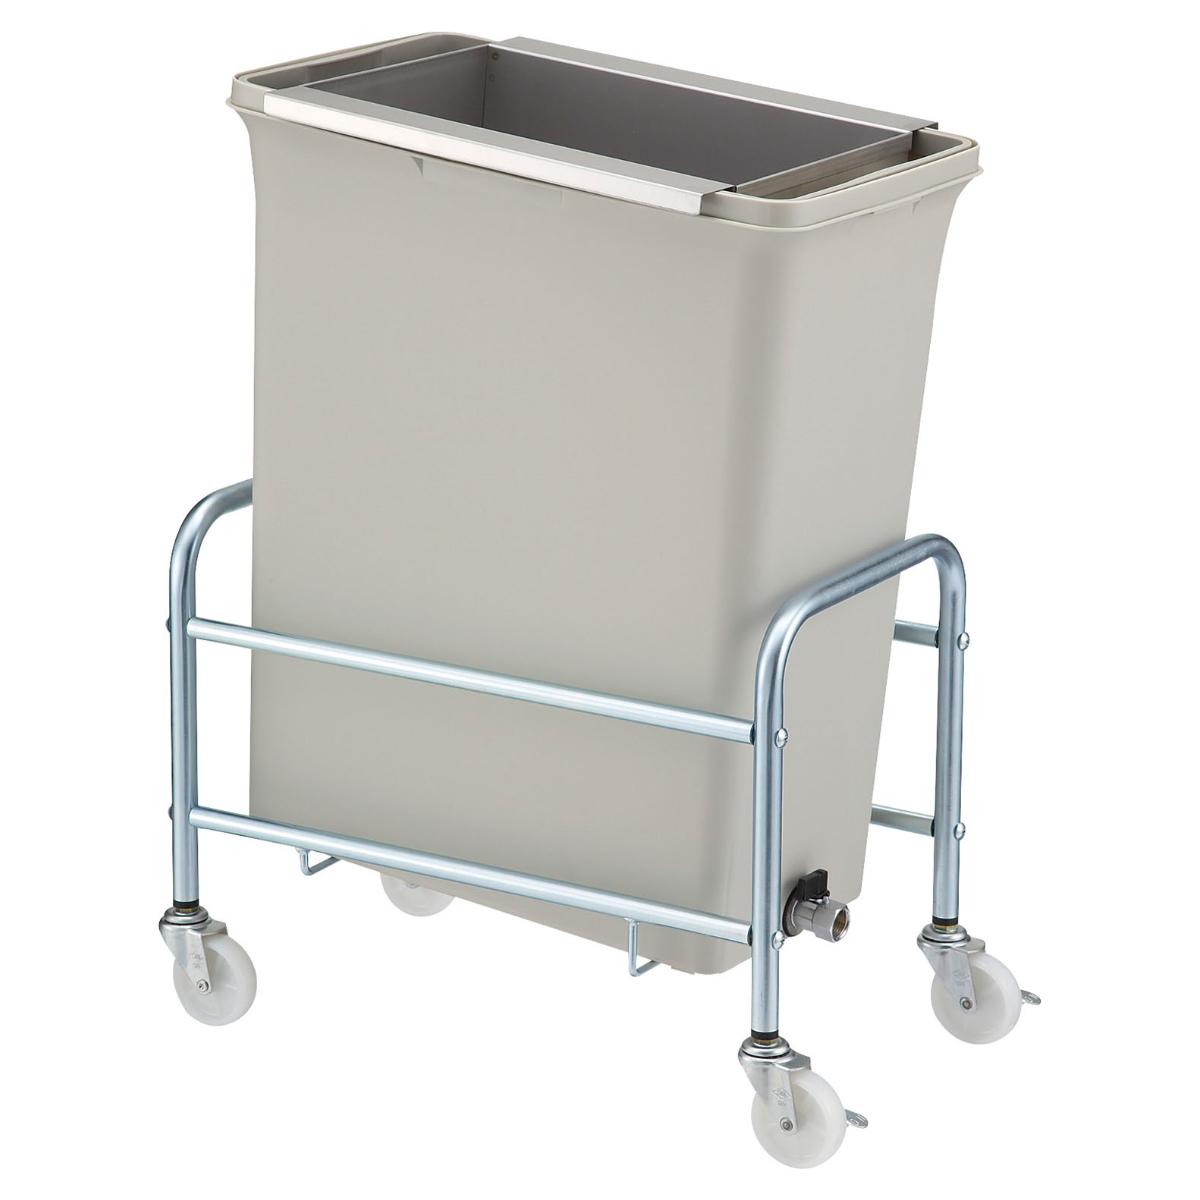 ゴミ箱 リサイクルトラッシュ ECO-50バルブ式セット 送料無料